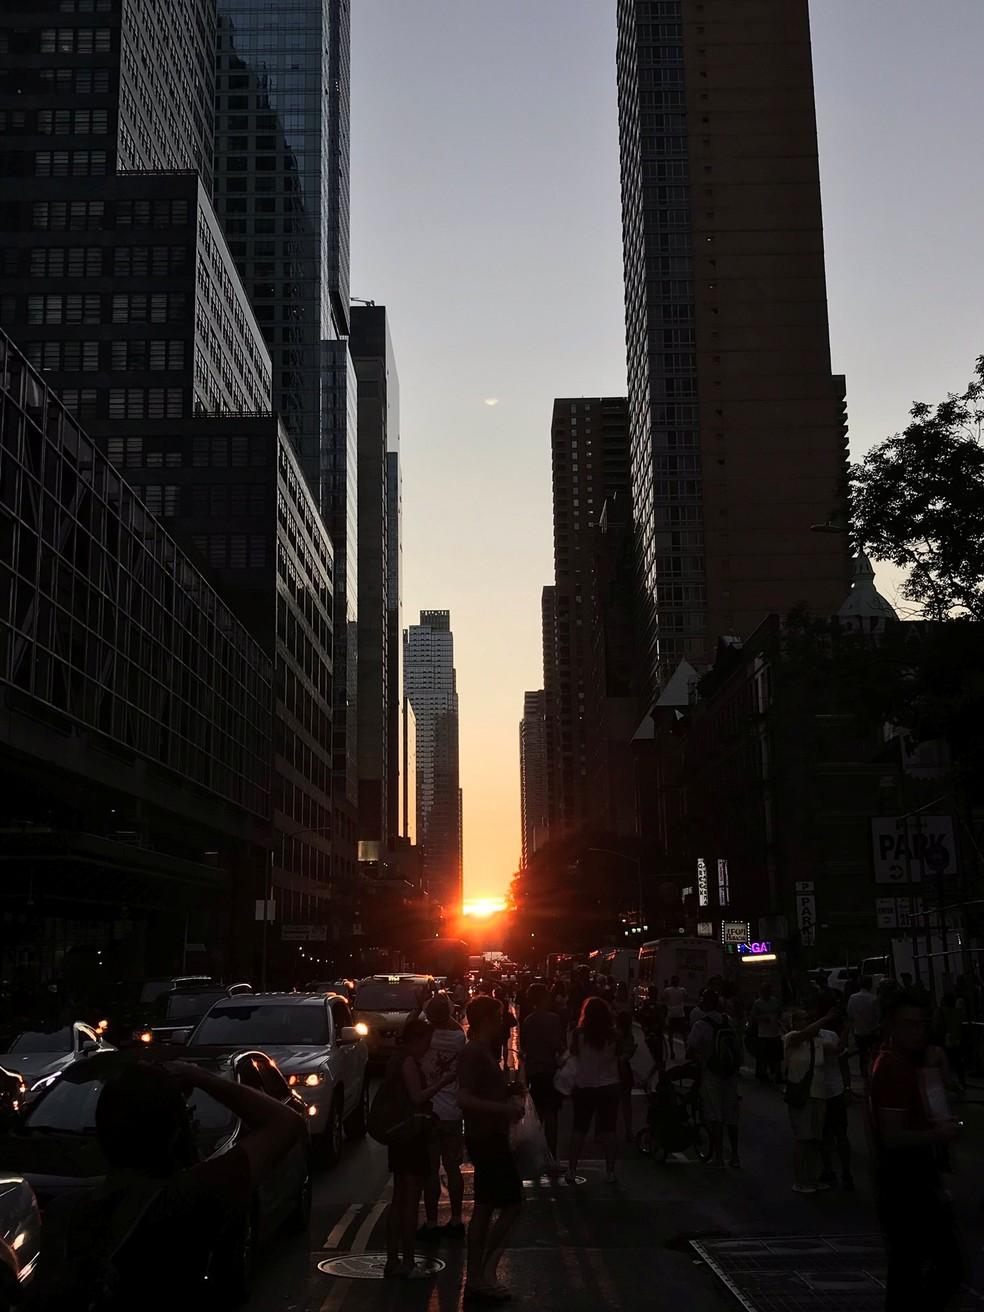 Pôr do sol entre os prédios apagados depois de blecaute em Nova York neste sábado (13) — Foto: Linda M/Reuters